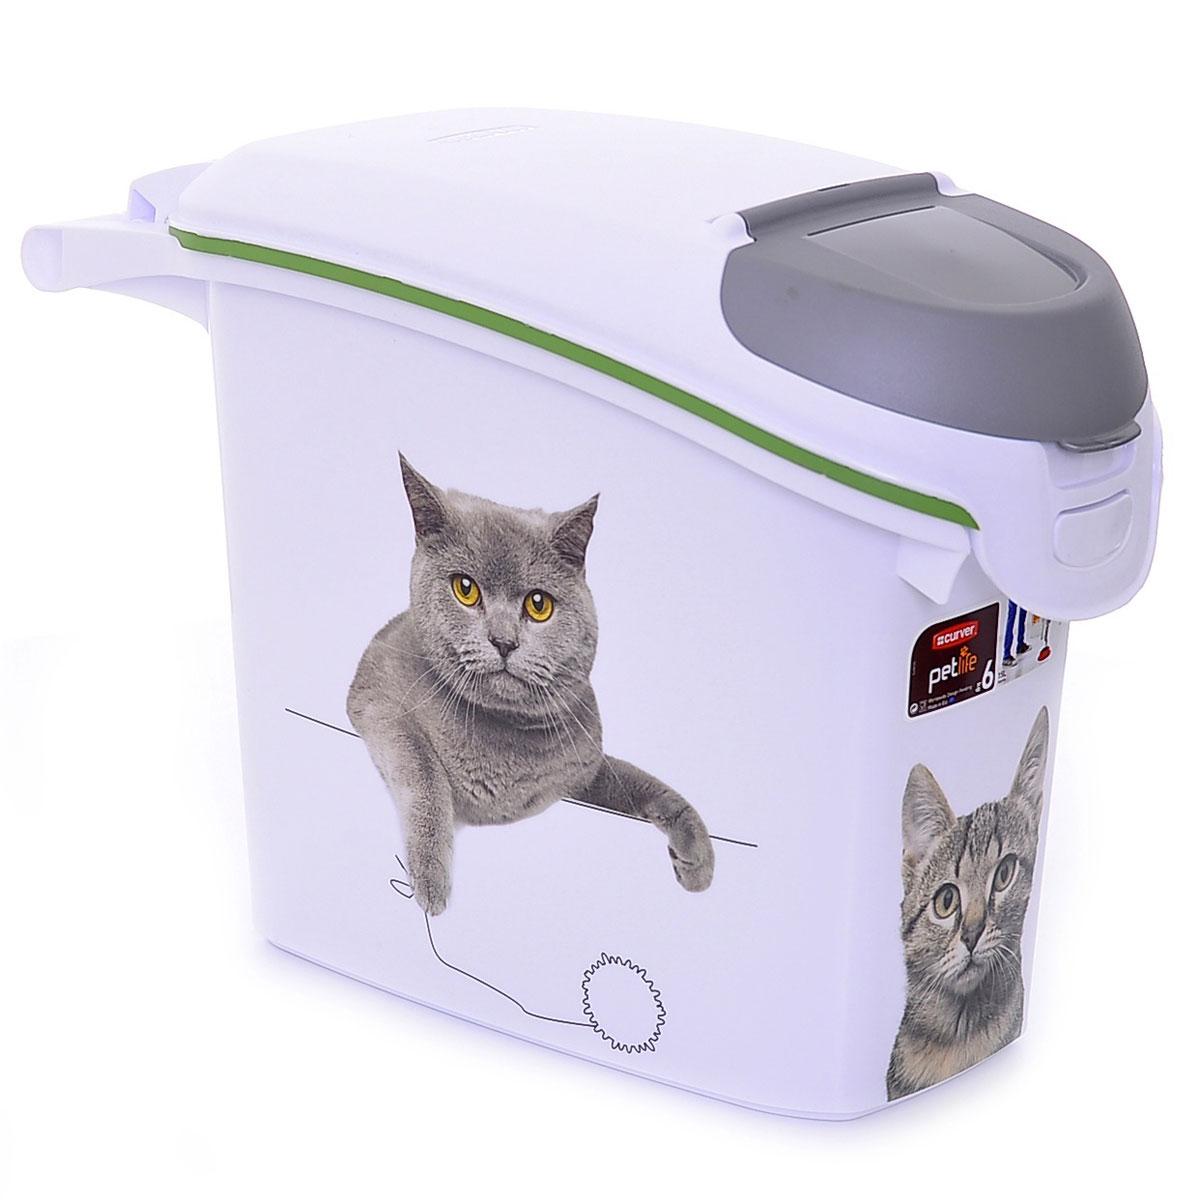 Контейнер для корма Curver PetLife Сладкие котята, на 6 кг, 15 л20232_британец, серый, бежевыйКонтейнер для корма Сладкие котятана 6кг/15л, 23*50*36см (201782) | | 1.18kg | Curver PetLife| 201782(три кота)